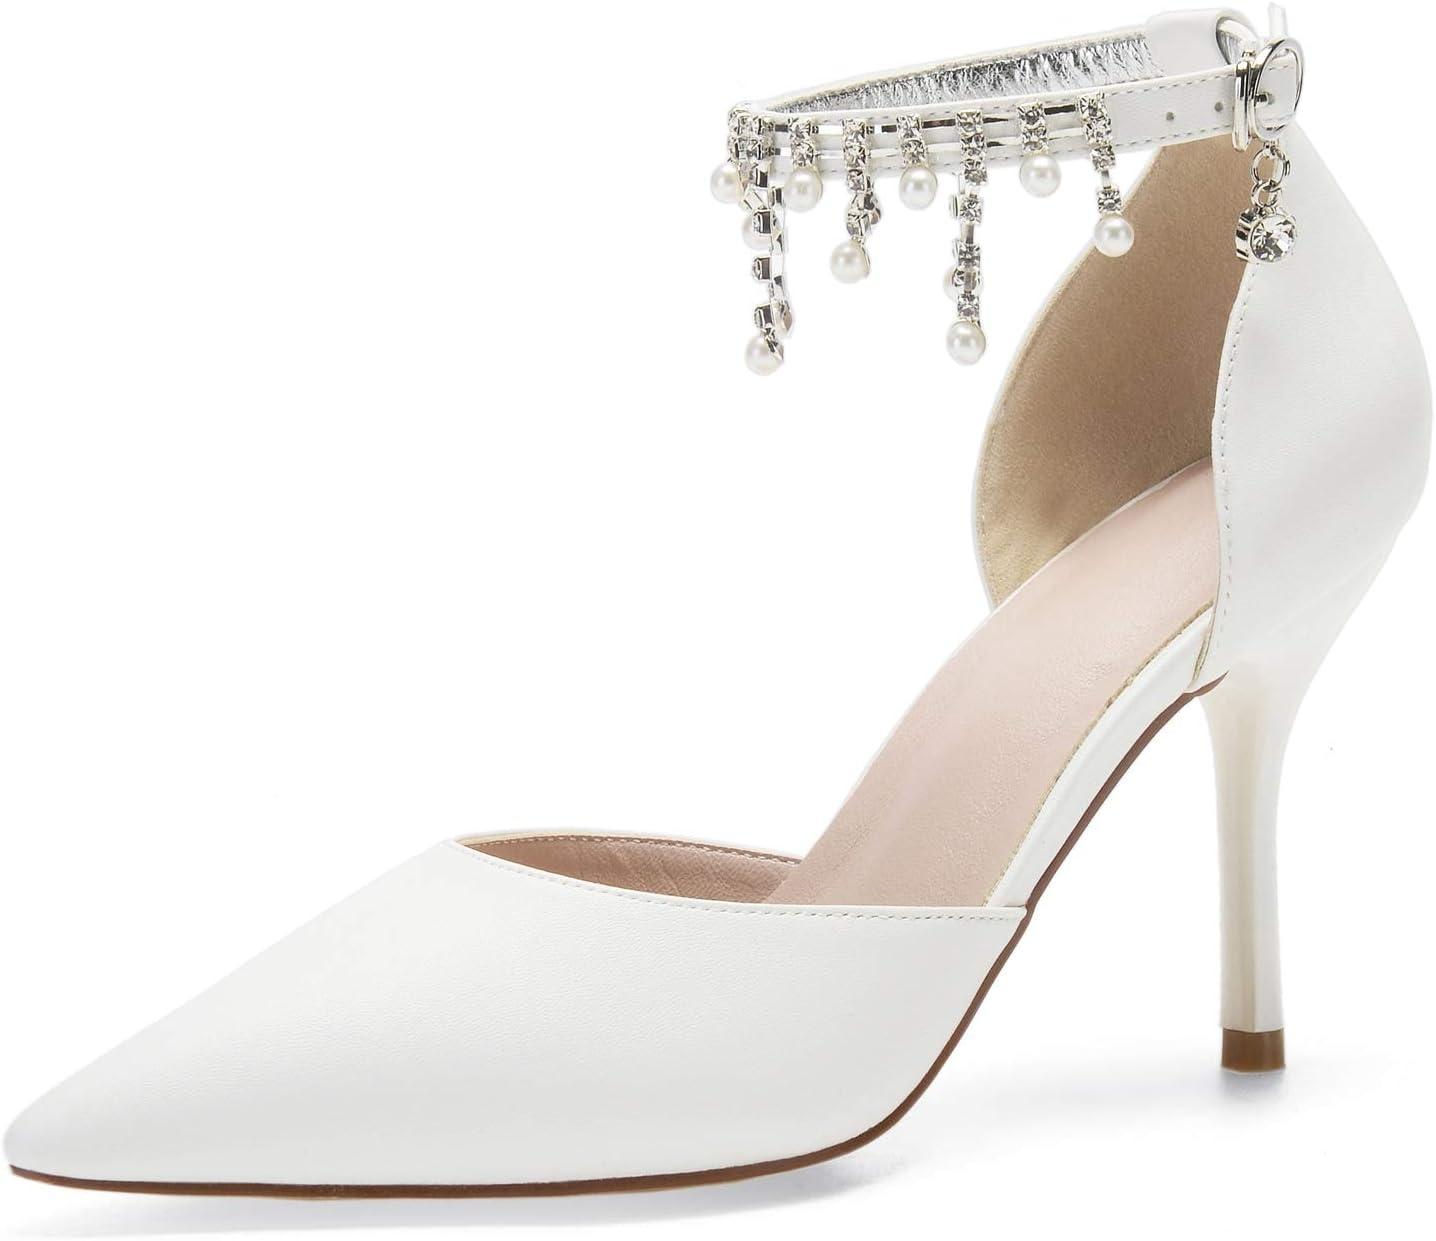 Elobaby Femmes Pompes De Mariée Chaussures De Mariage PU